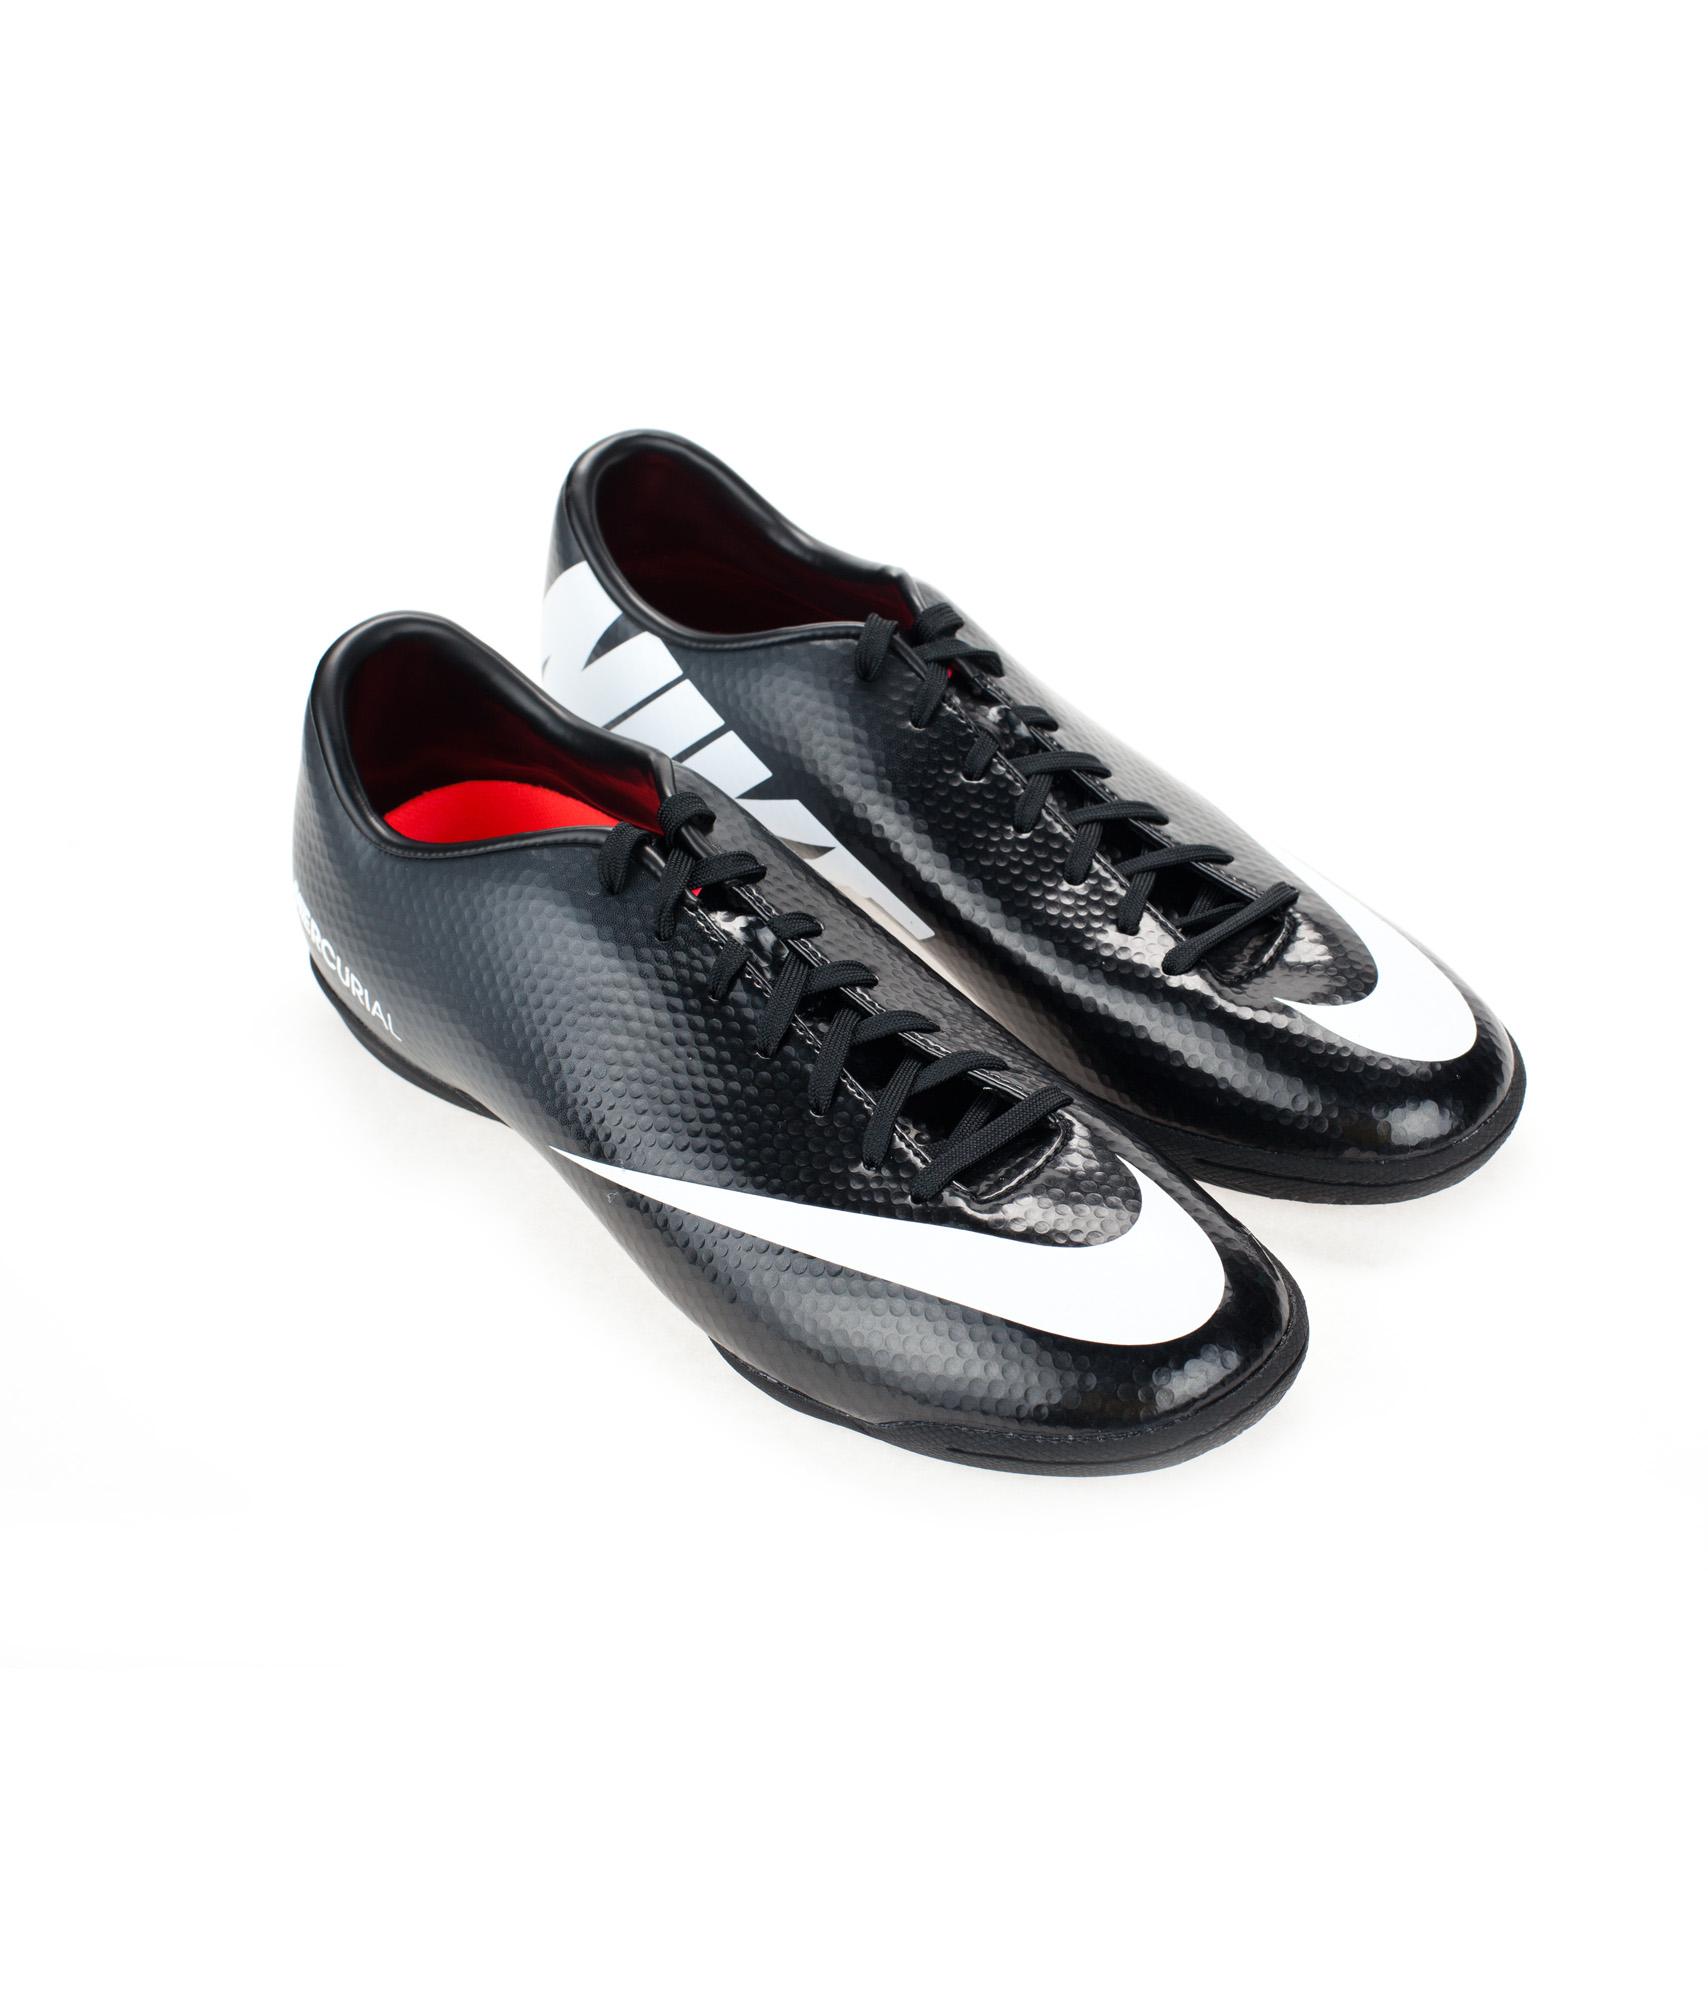 Бутсы Nike MERCURIAL VICTORY IV IC, Цвет-Черный, Размер-8.5